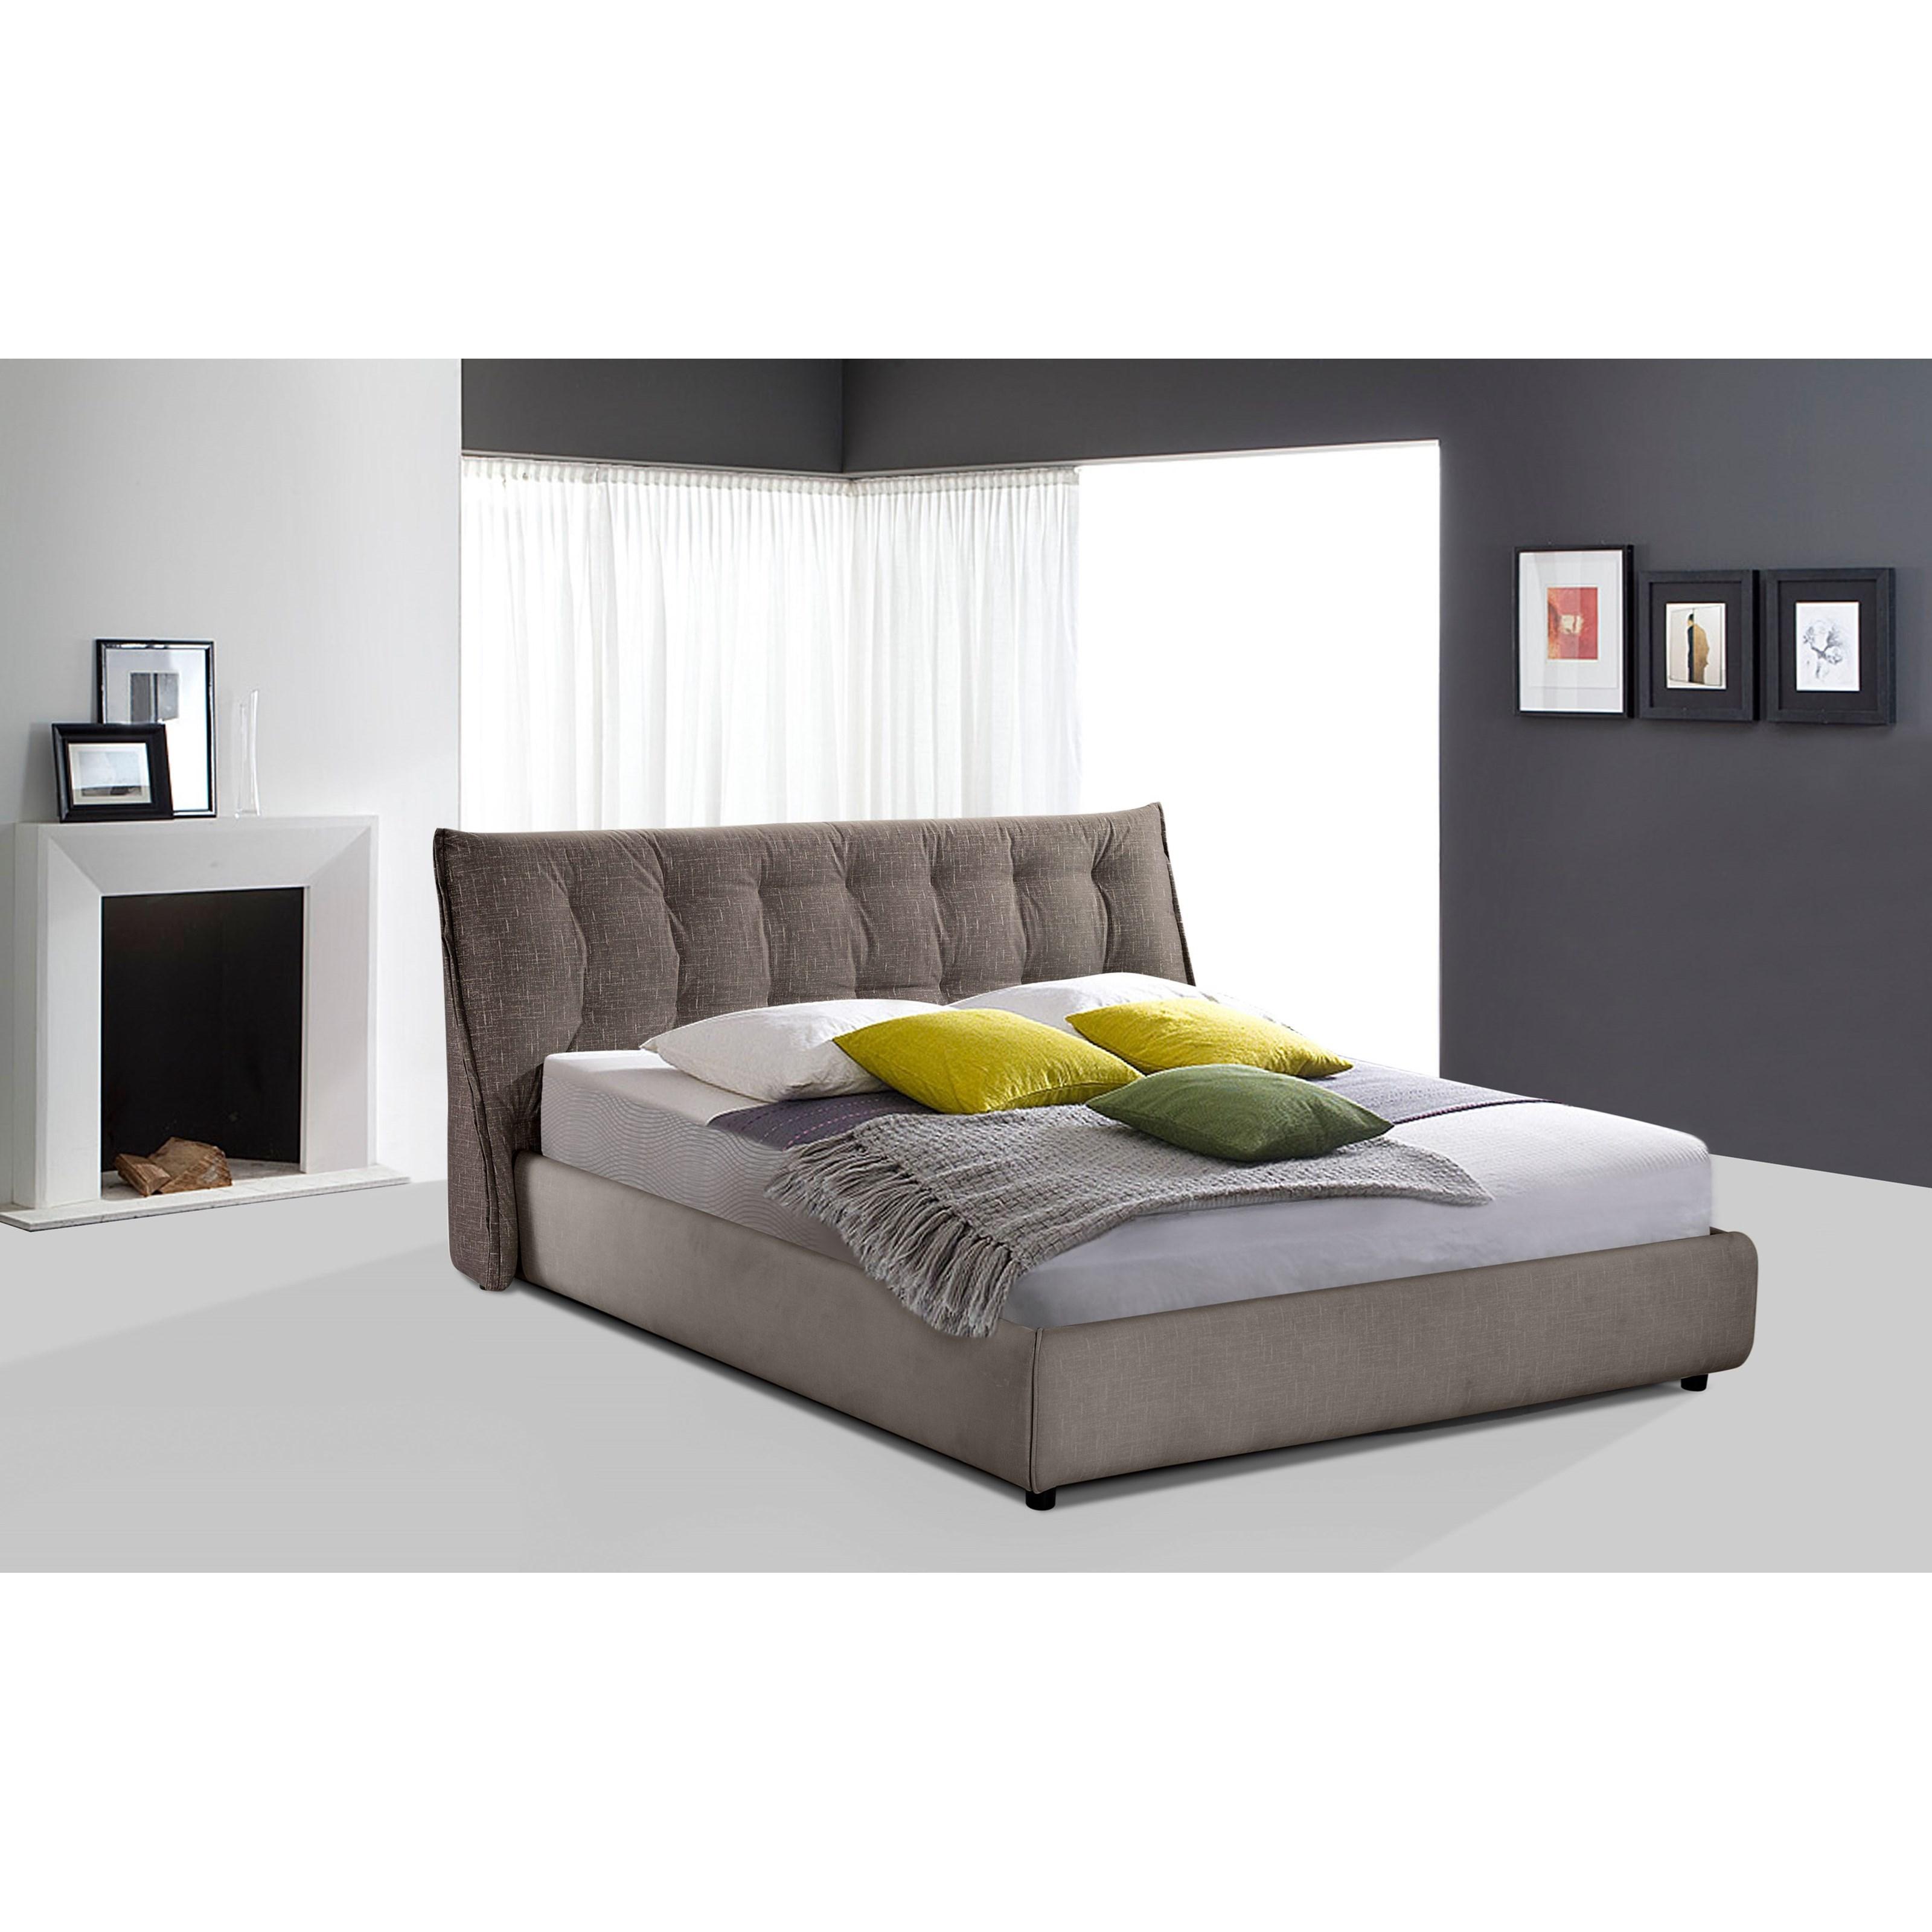 Diamond Sofa Ashton Queen Bed - Item Number: ASHTONQBEDGR